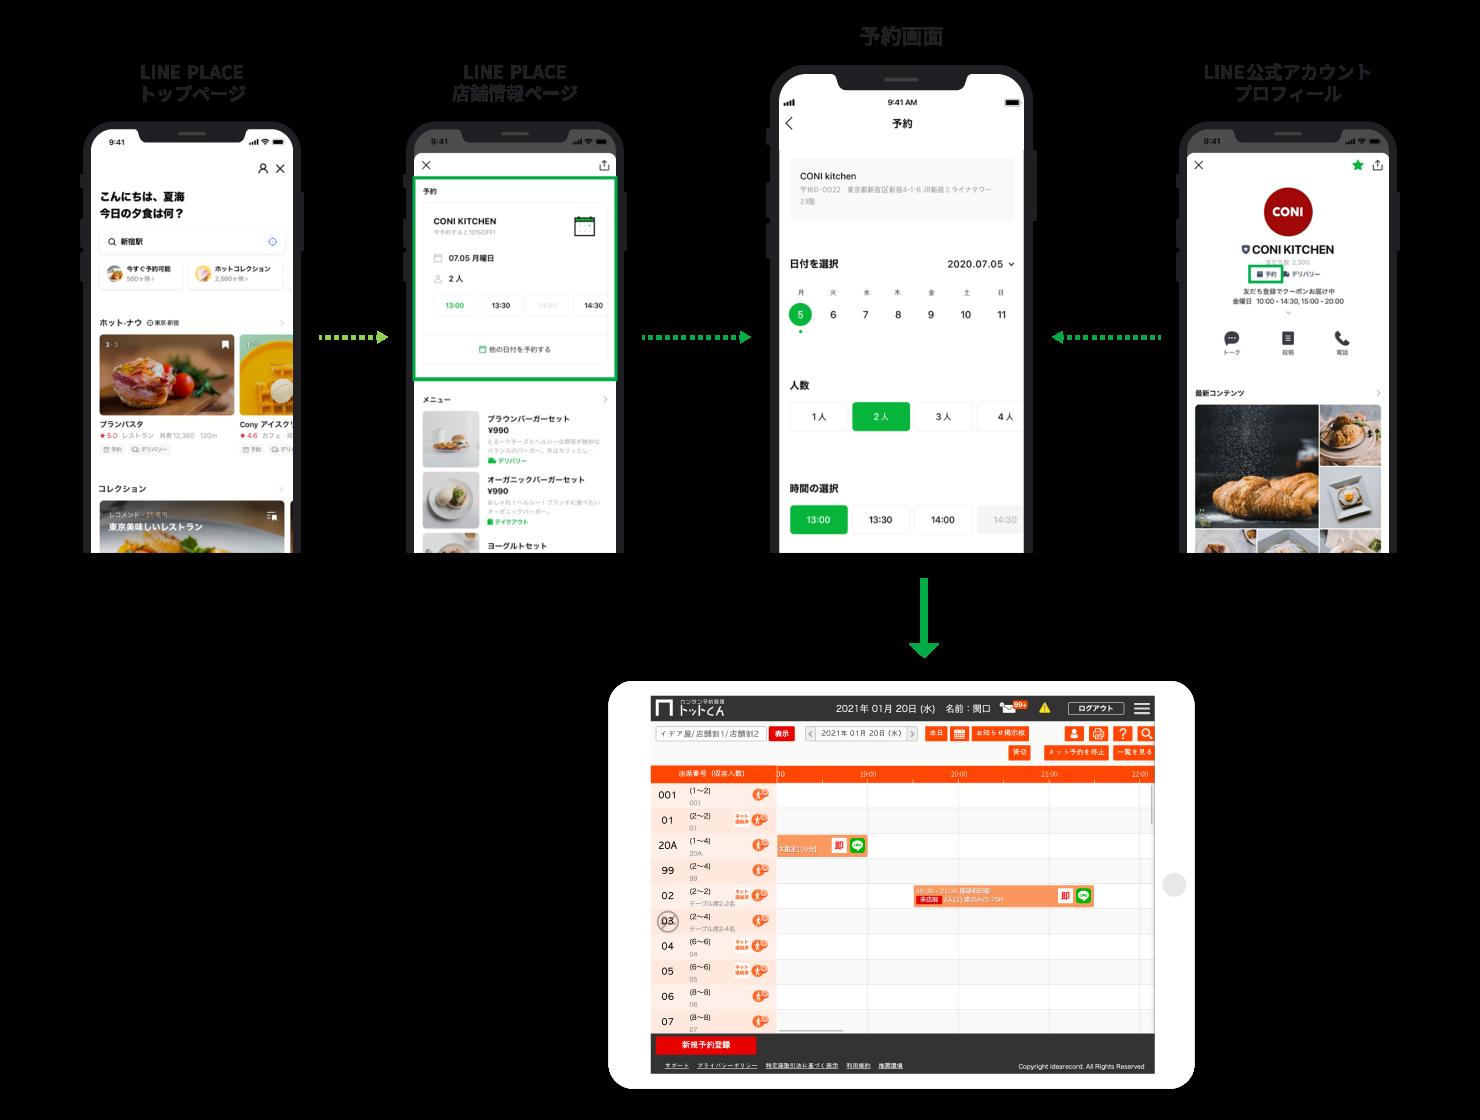 「LINEで予約/LINE PLACE」の空席情報をリアルタイムで反映しているので、適切なテーブルに自動的に登録されます。